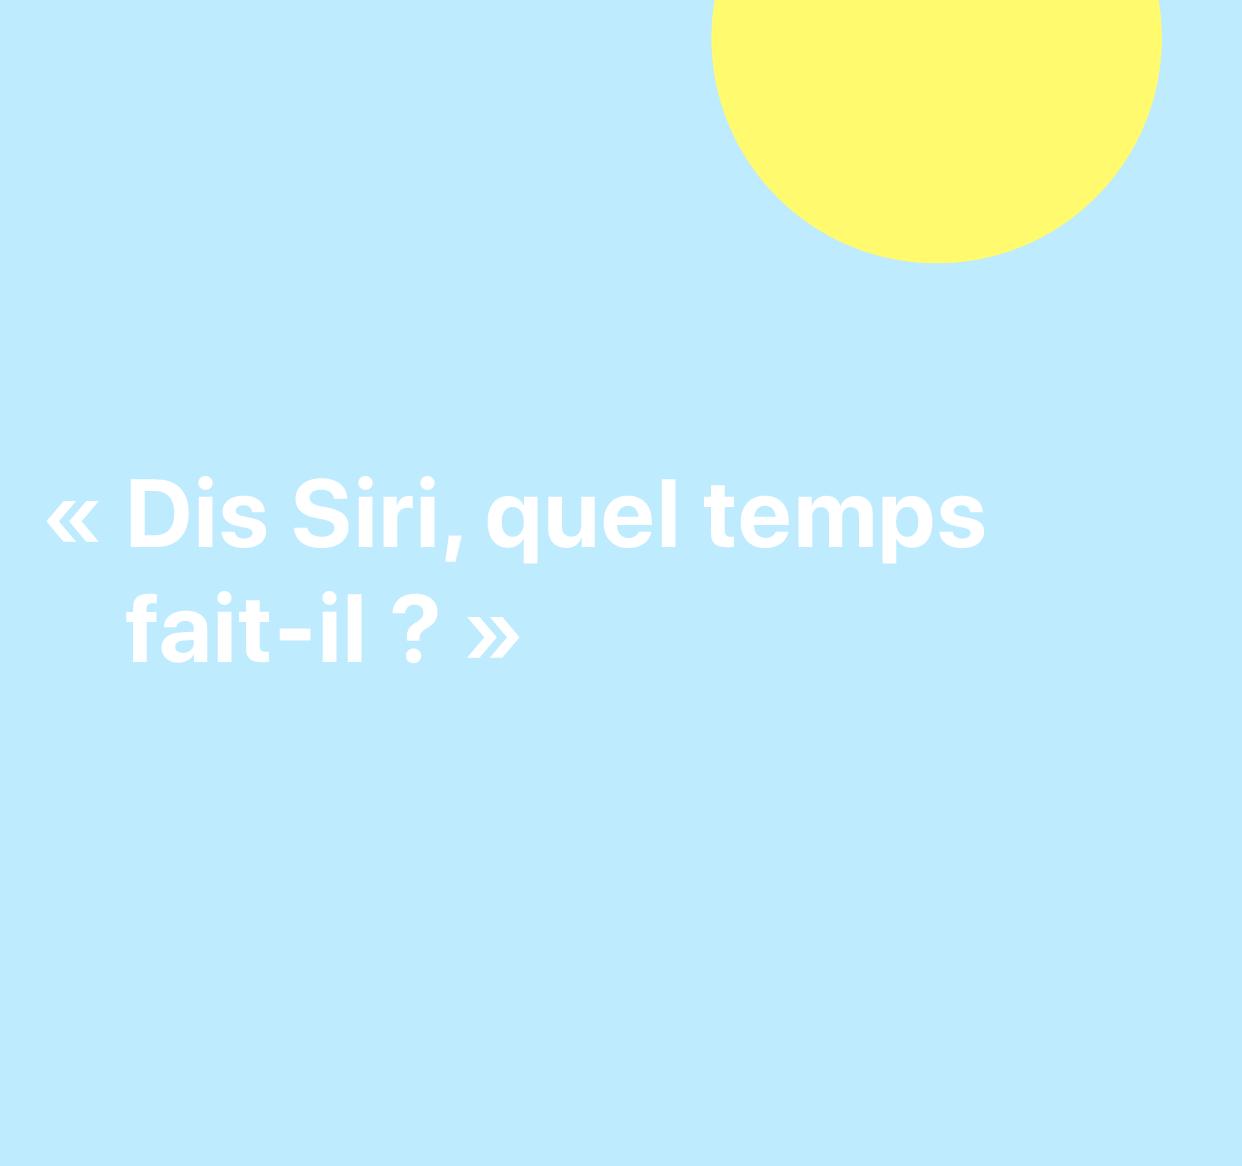 """Une illustration des mots: """"Dis Siri, quel temps fait-il?""""."""